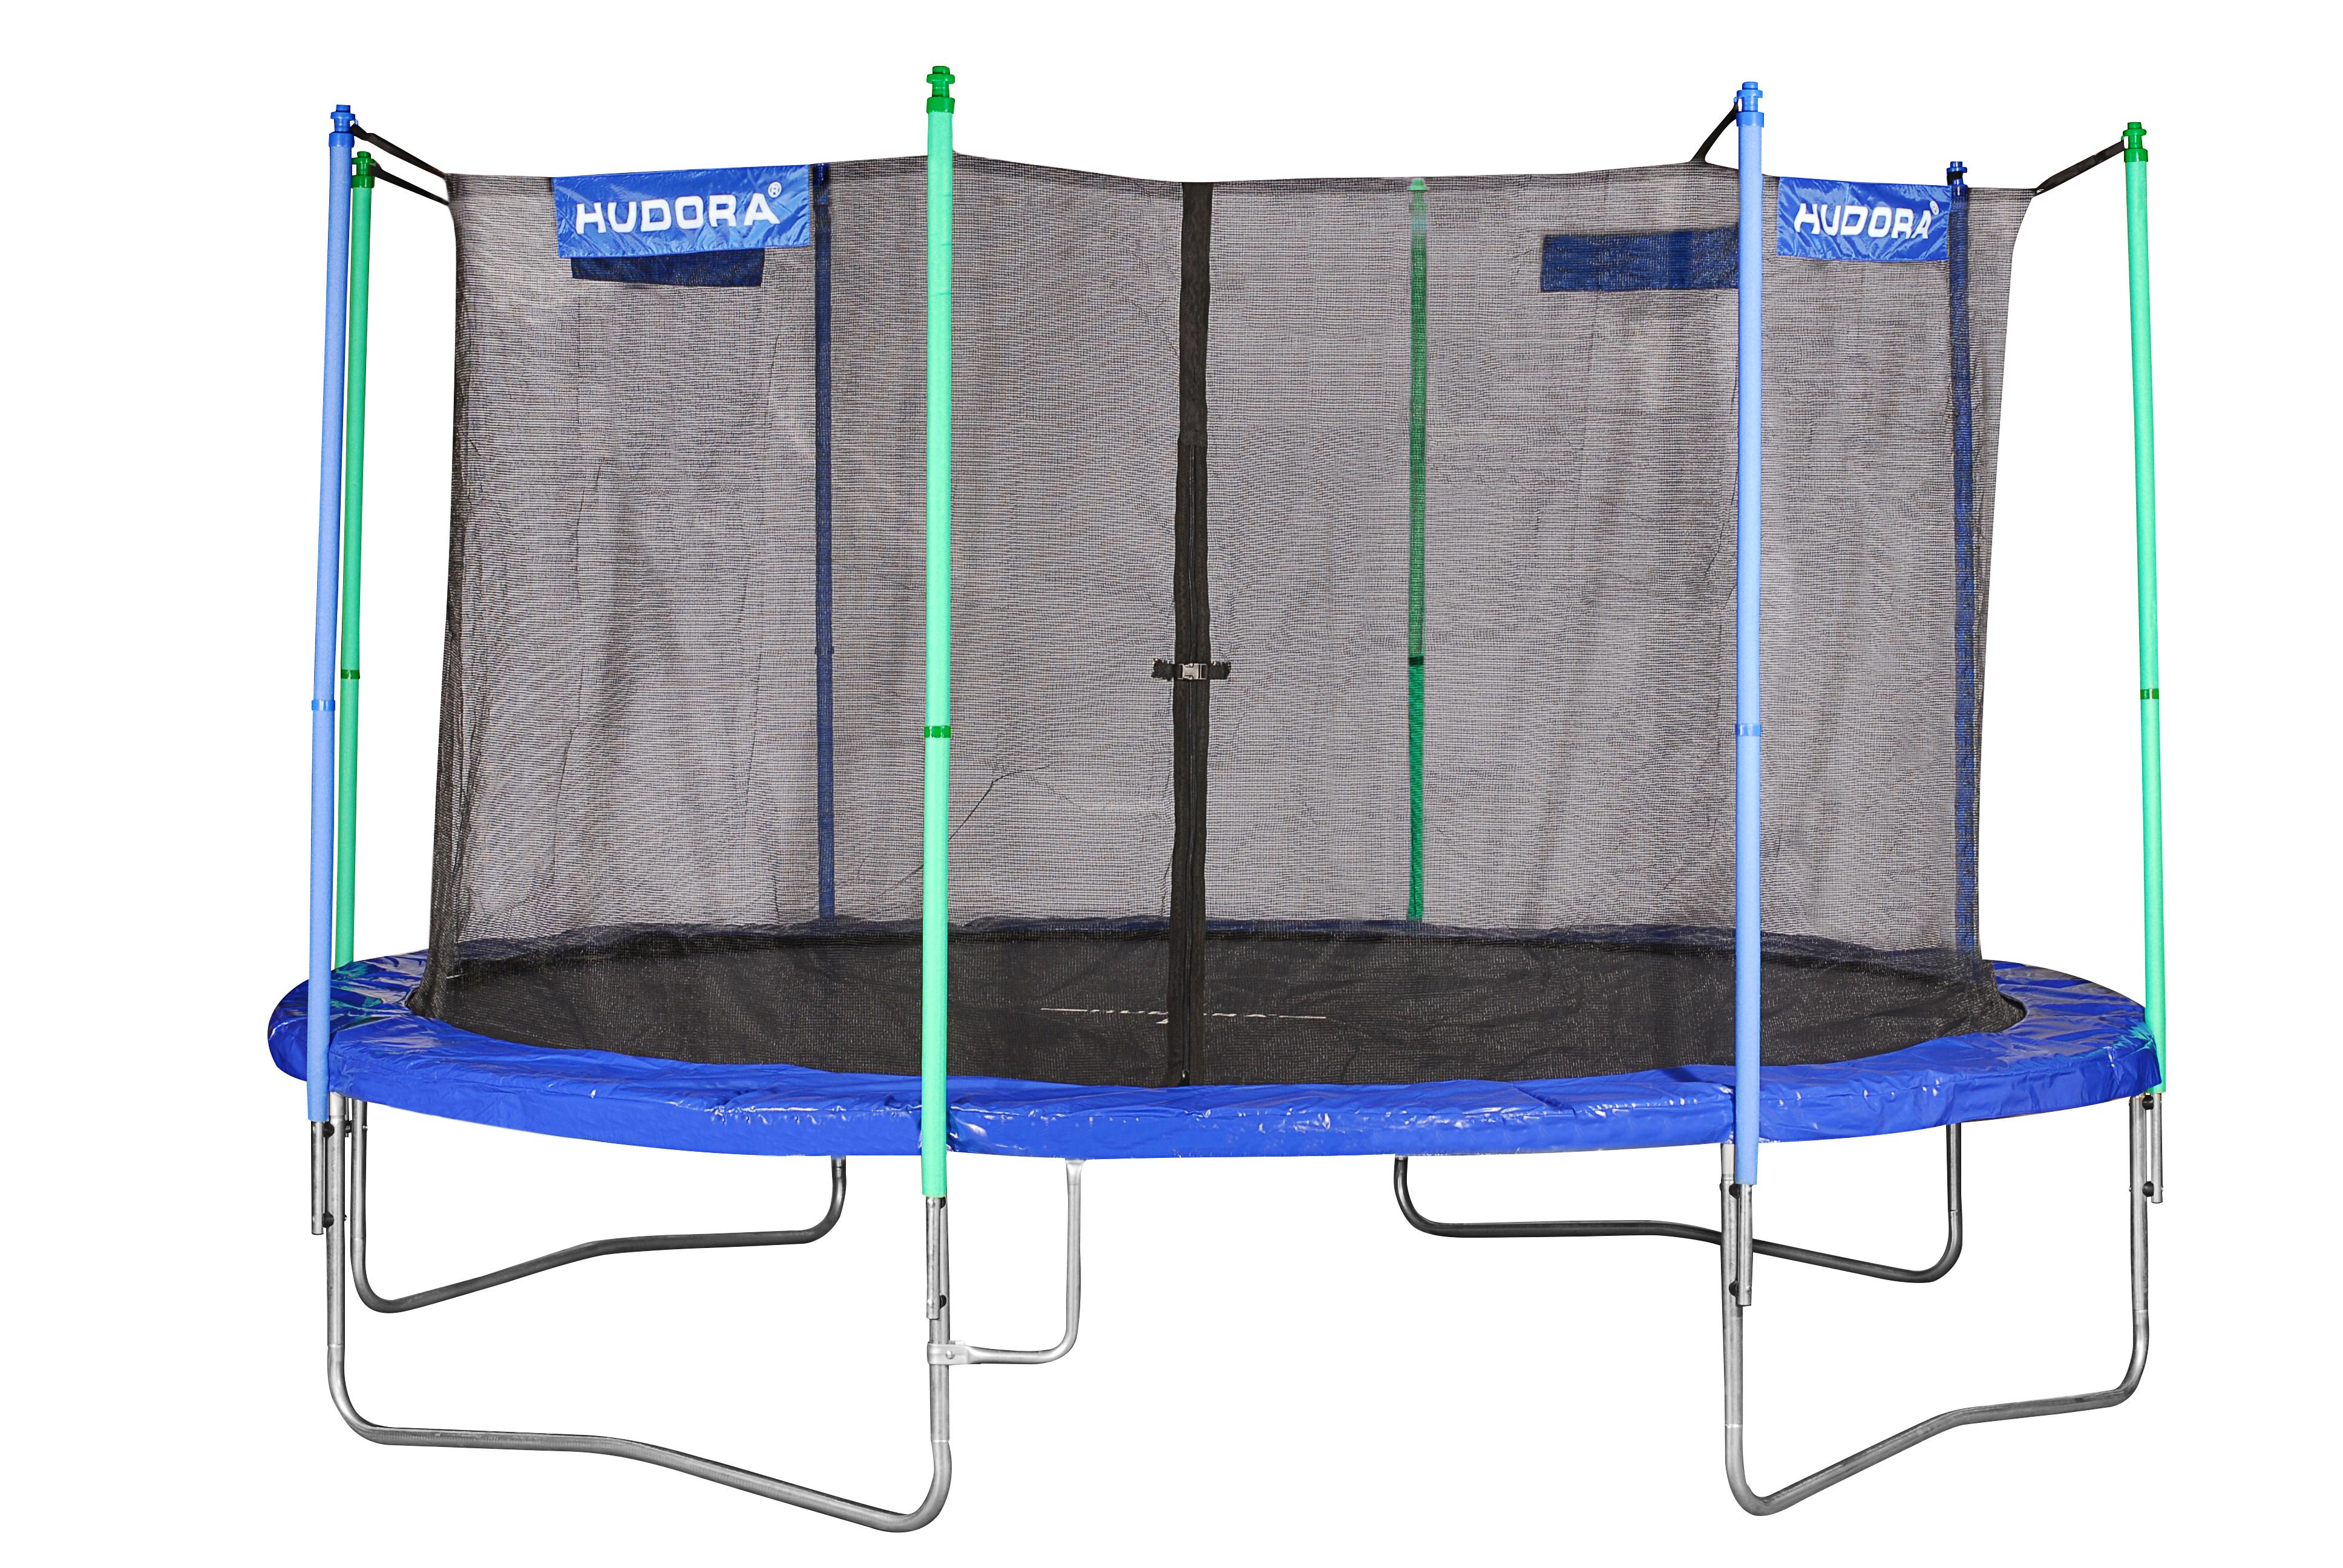 mifus spielzeug shop g nstige spielwaren online kaufen. Black Bedroom Furniture Sets. Home Design Ideas